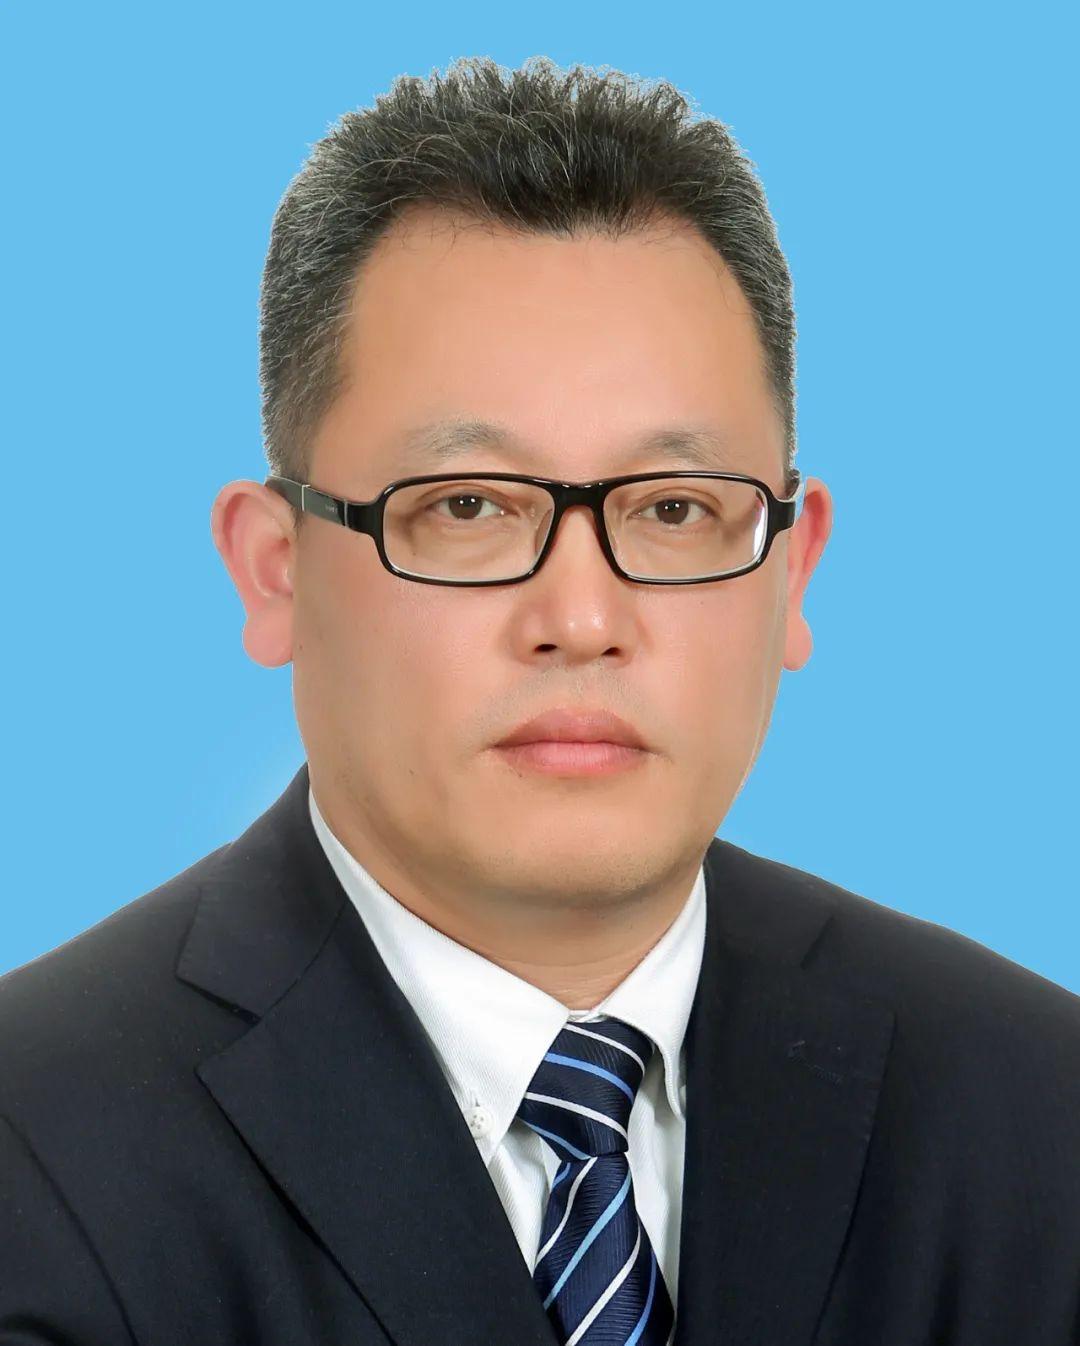 中国航发商发董事长张玉金赴任中国商飞党委常委、副总经理